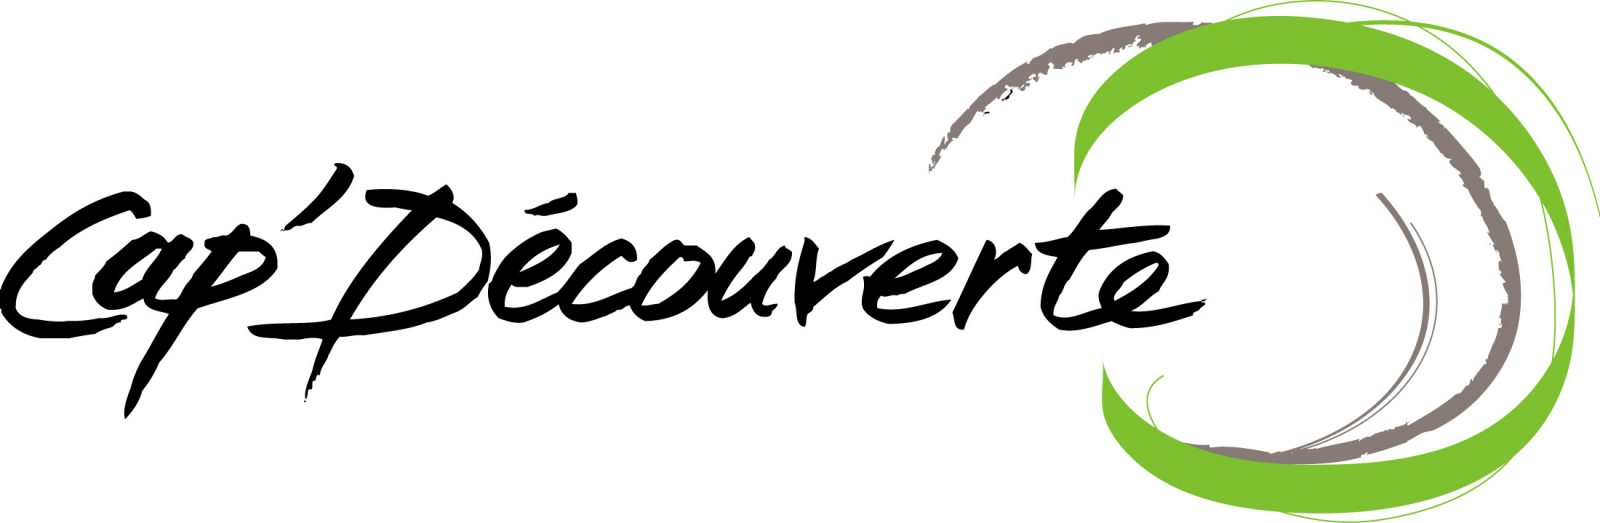 Cap découverte